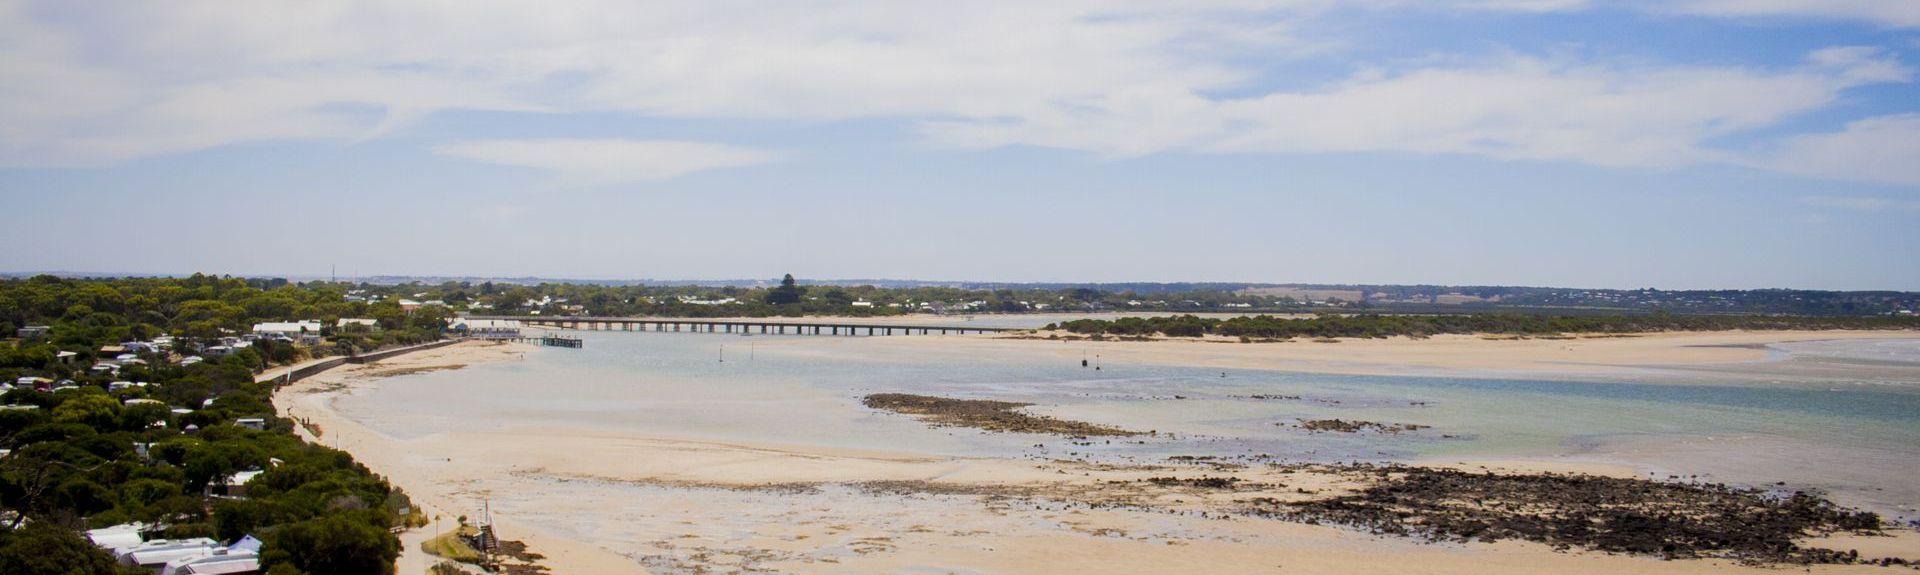 Curlewis, VIC, Australia